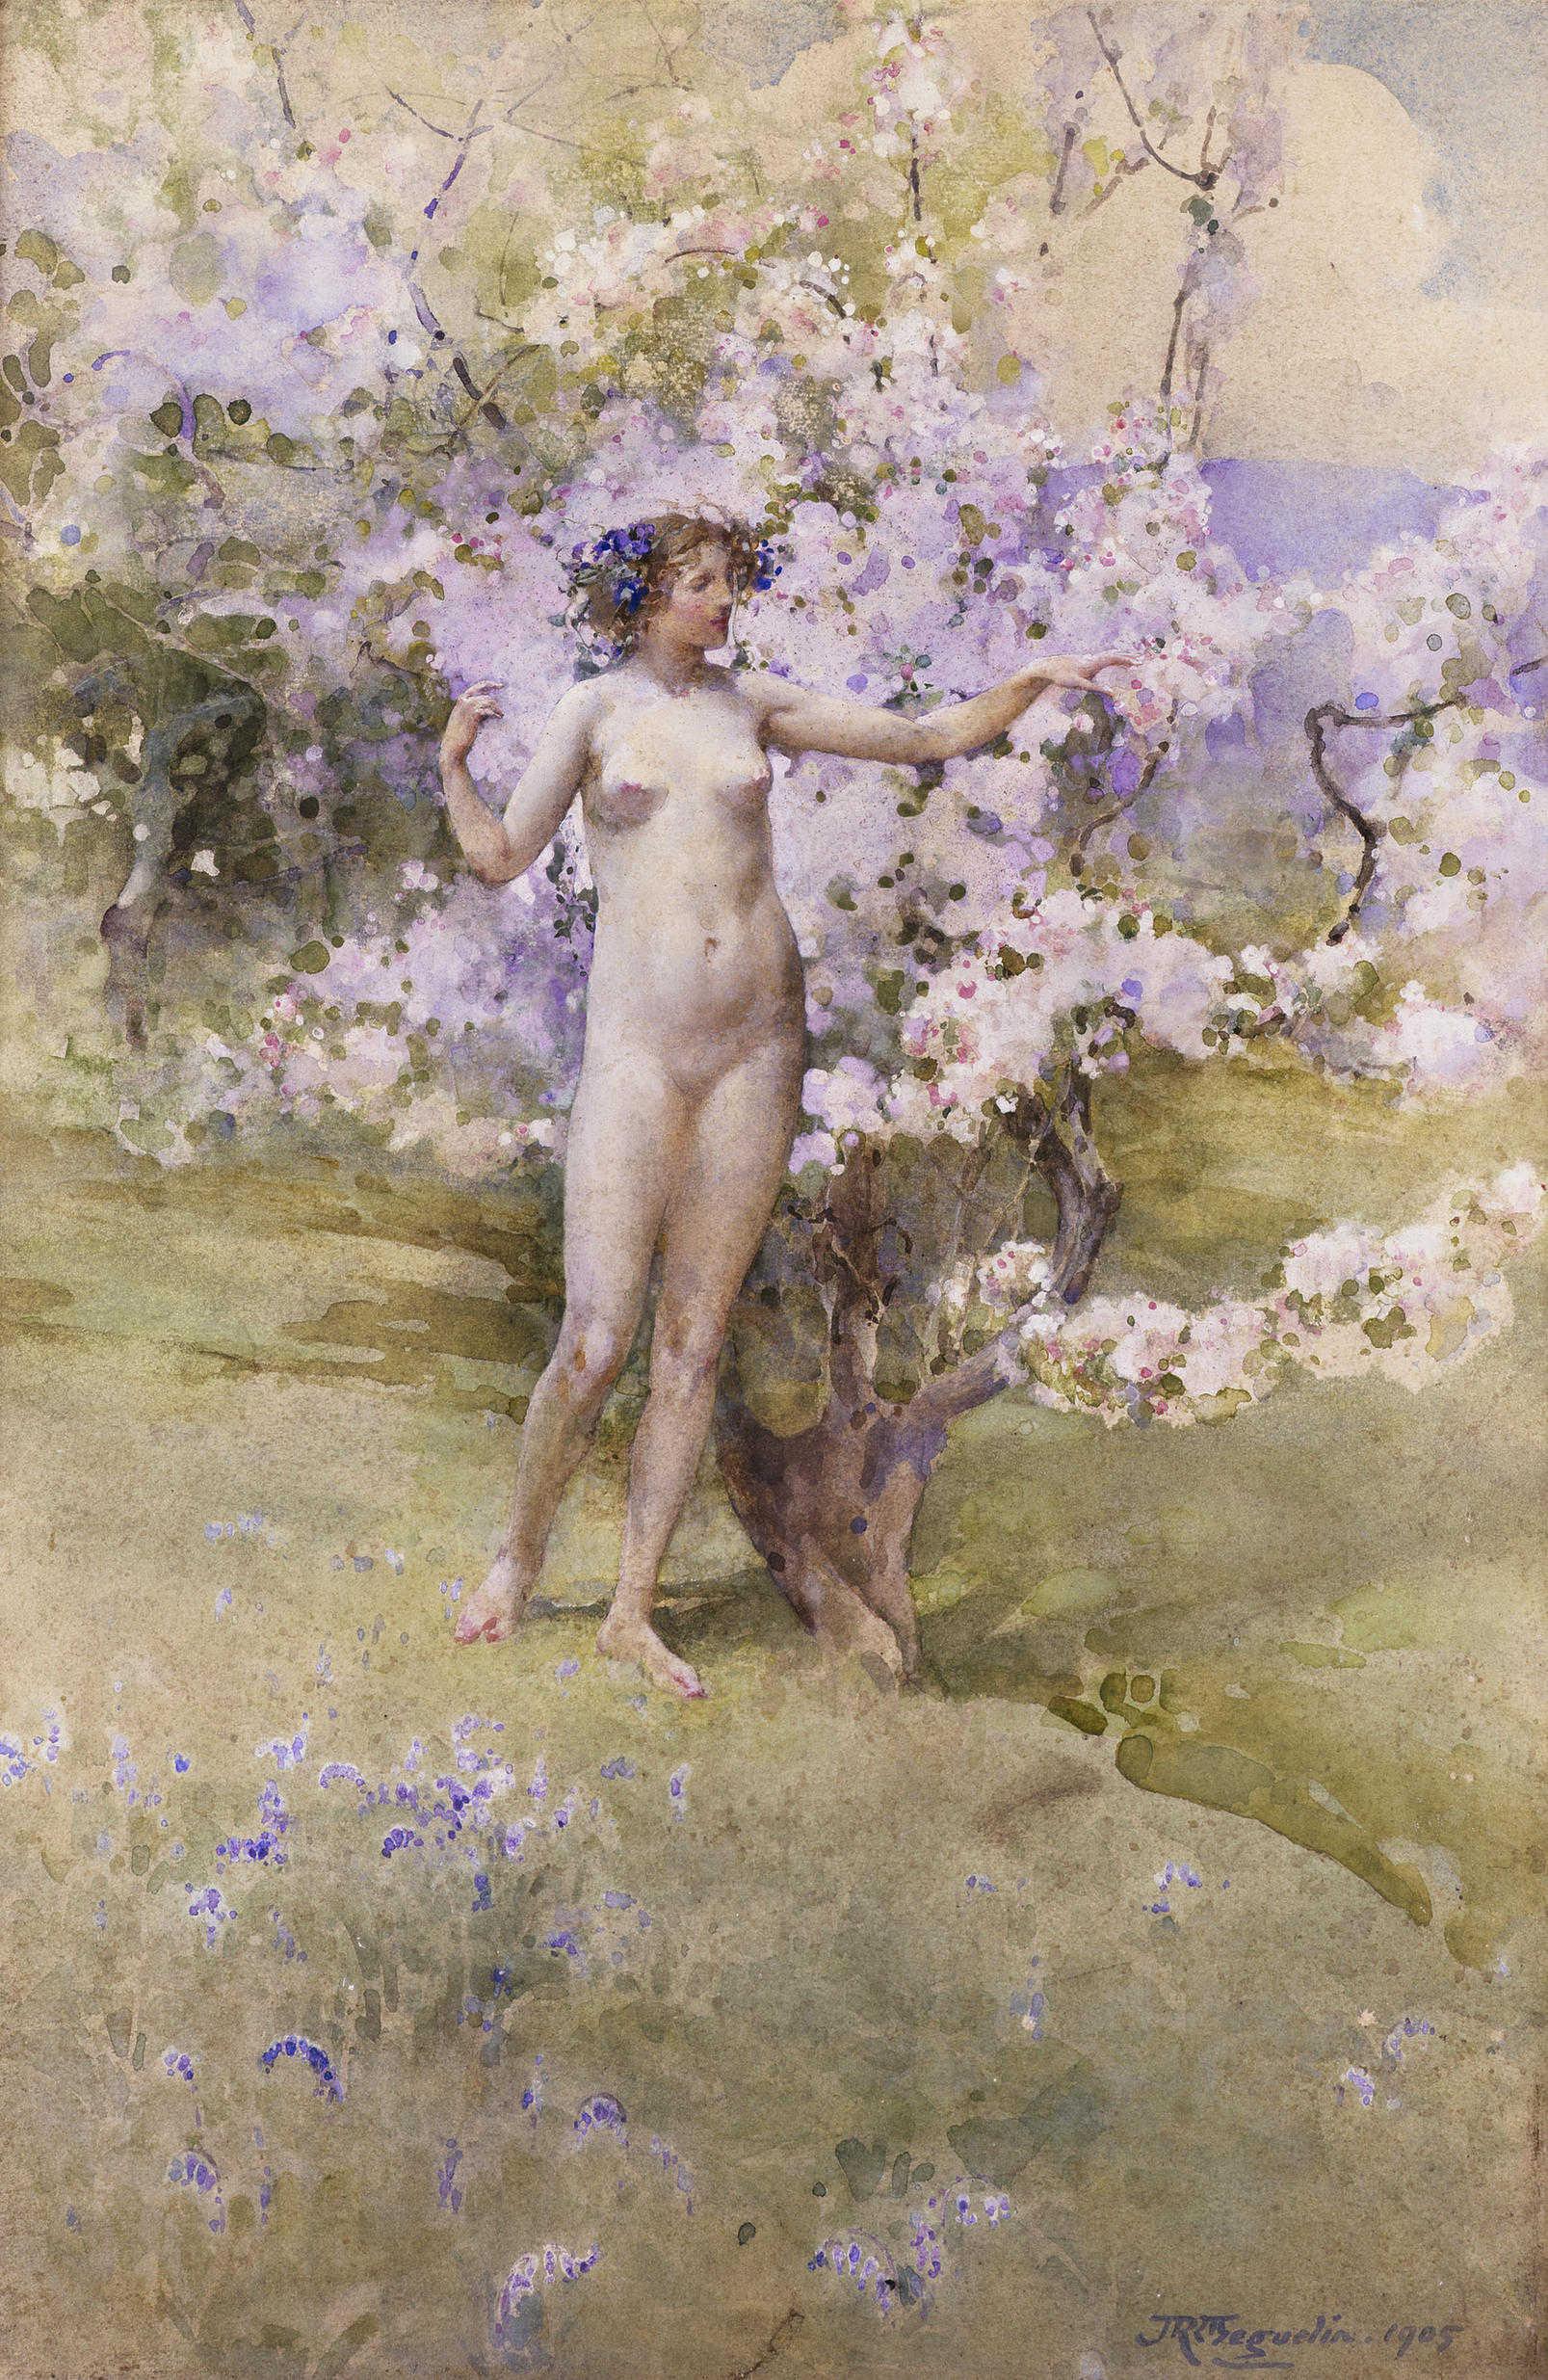 John Reinhard Weguelin, 1849-1927. Цветущая вишня. 53 x 36 см. Частная коллекция